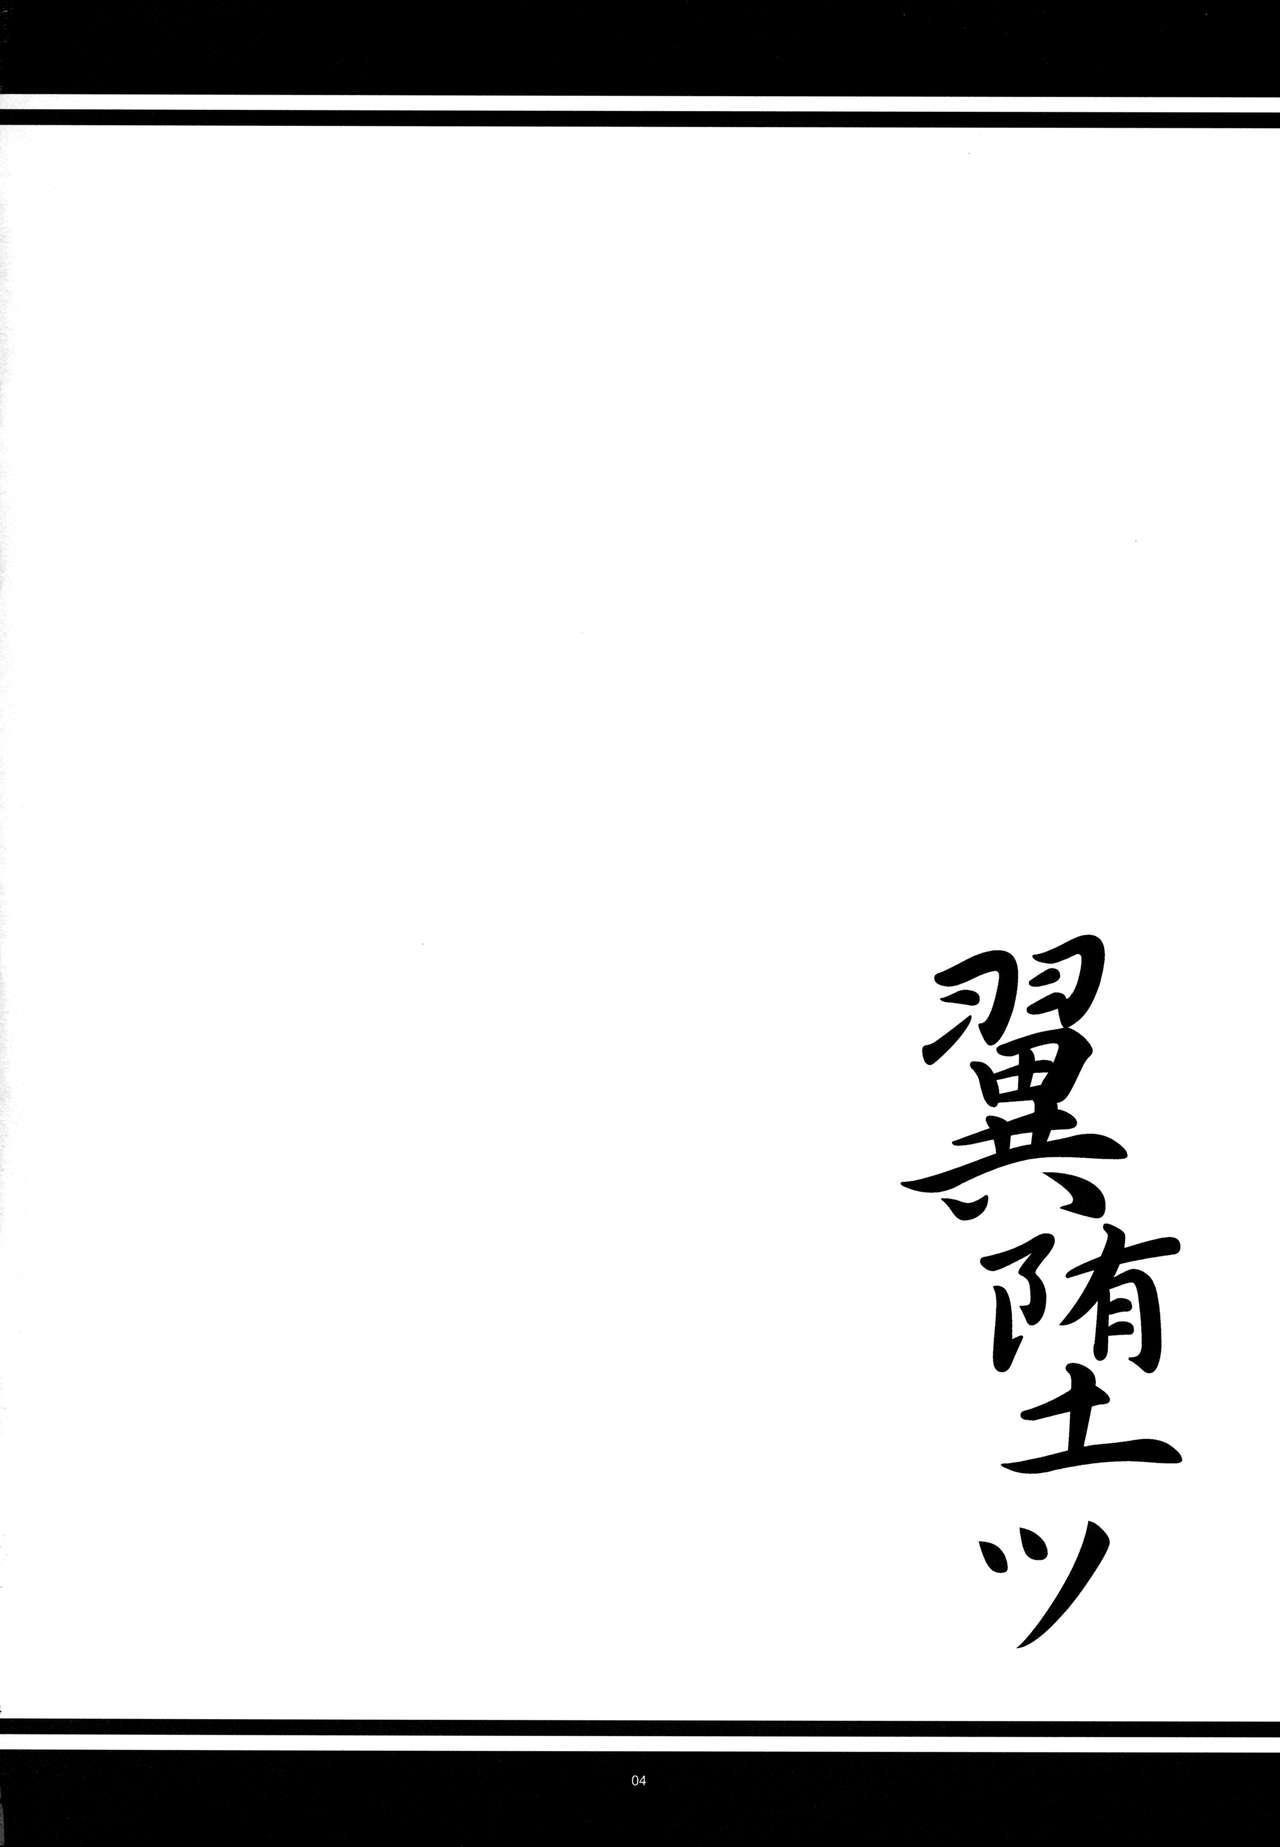 Tsubasa Otsu 2